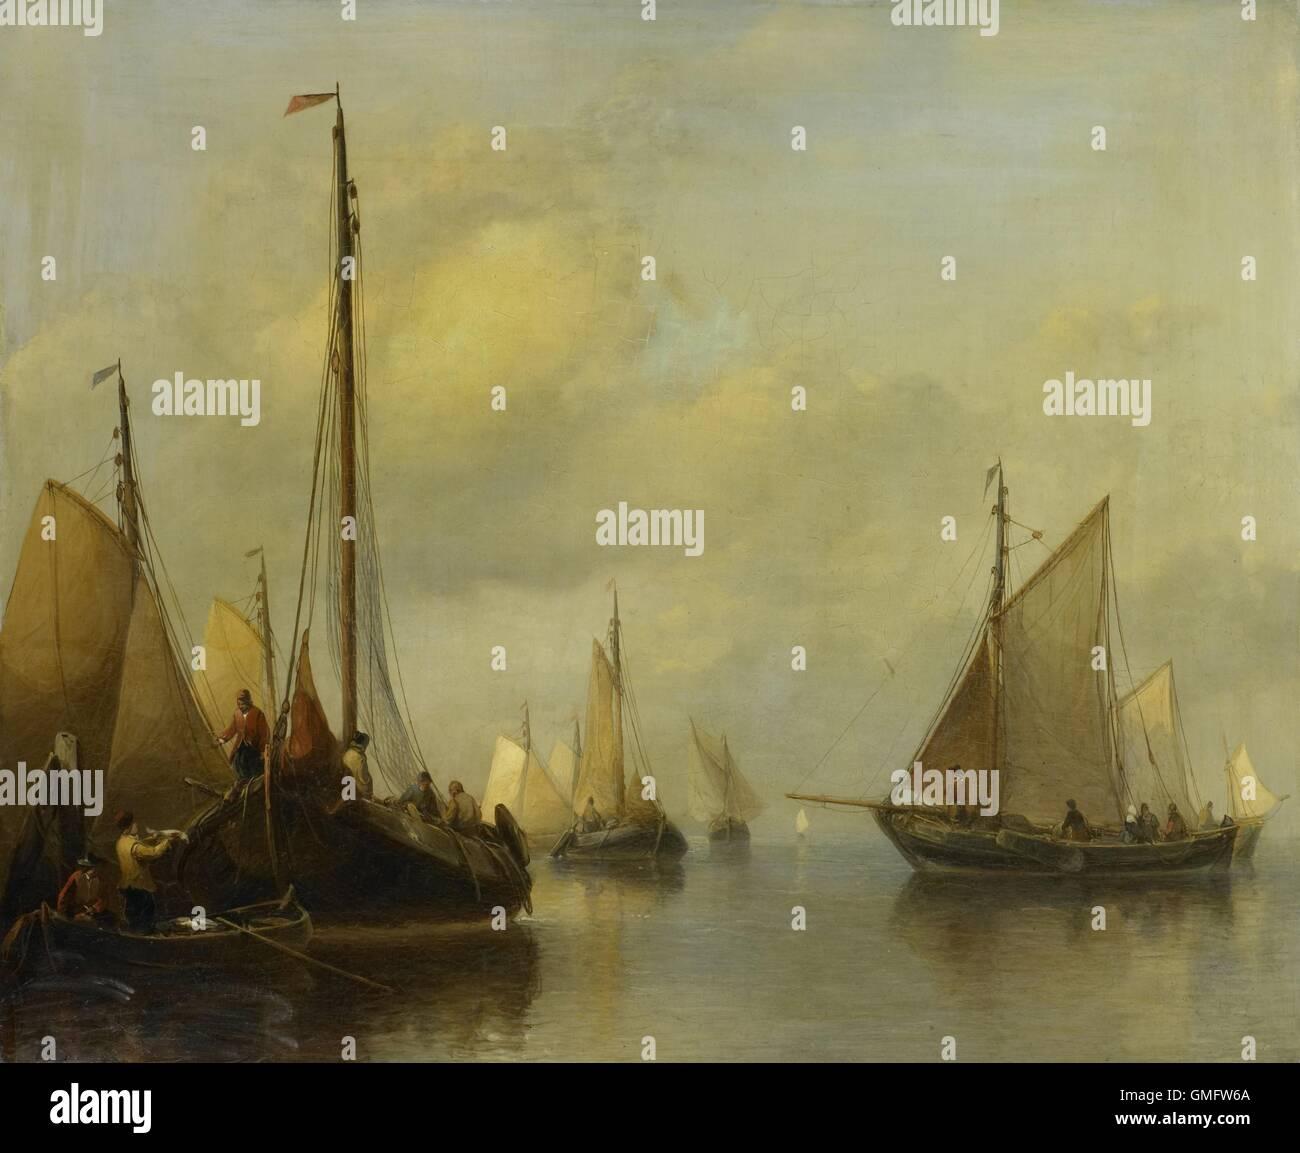 Barche da pesca in acque calme, da Antonie Waldorp, 1840-50, pittura olandese, olio su pannello. A sinistra la cattura Immagini Stock